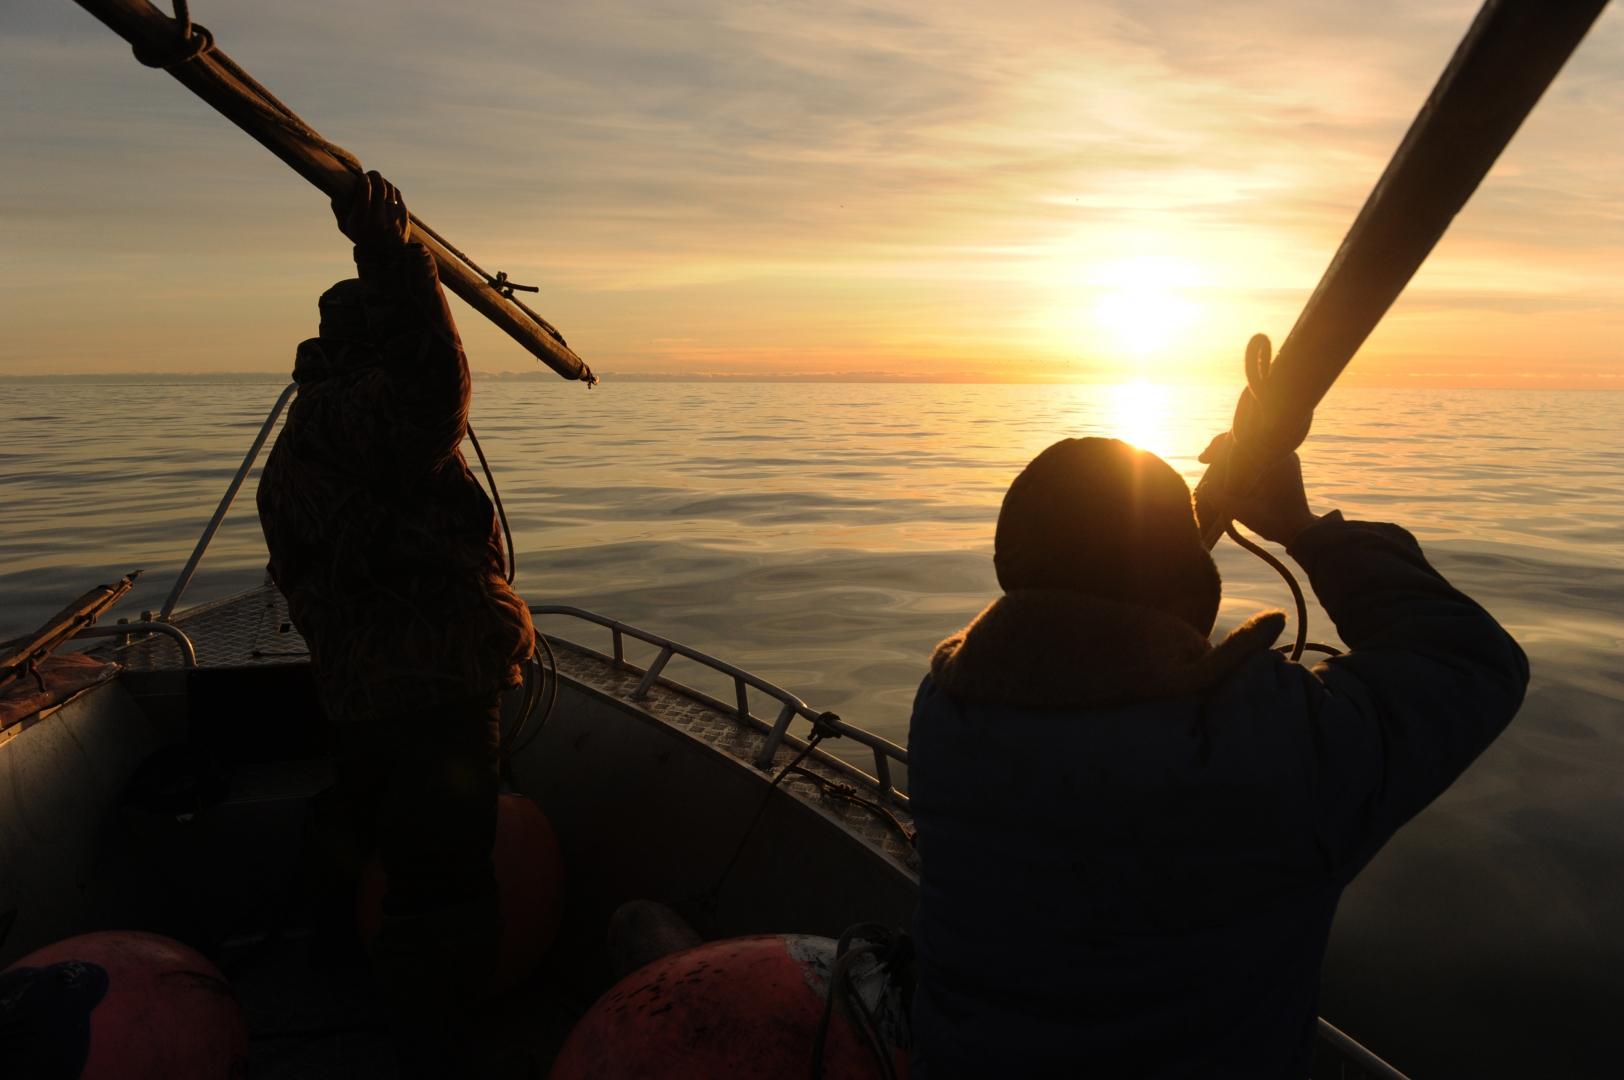 Боевое положение охотников в море в момент предстоящей атаки